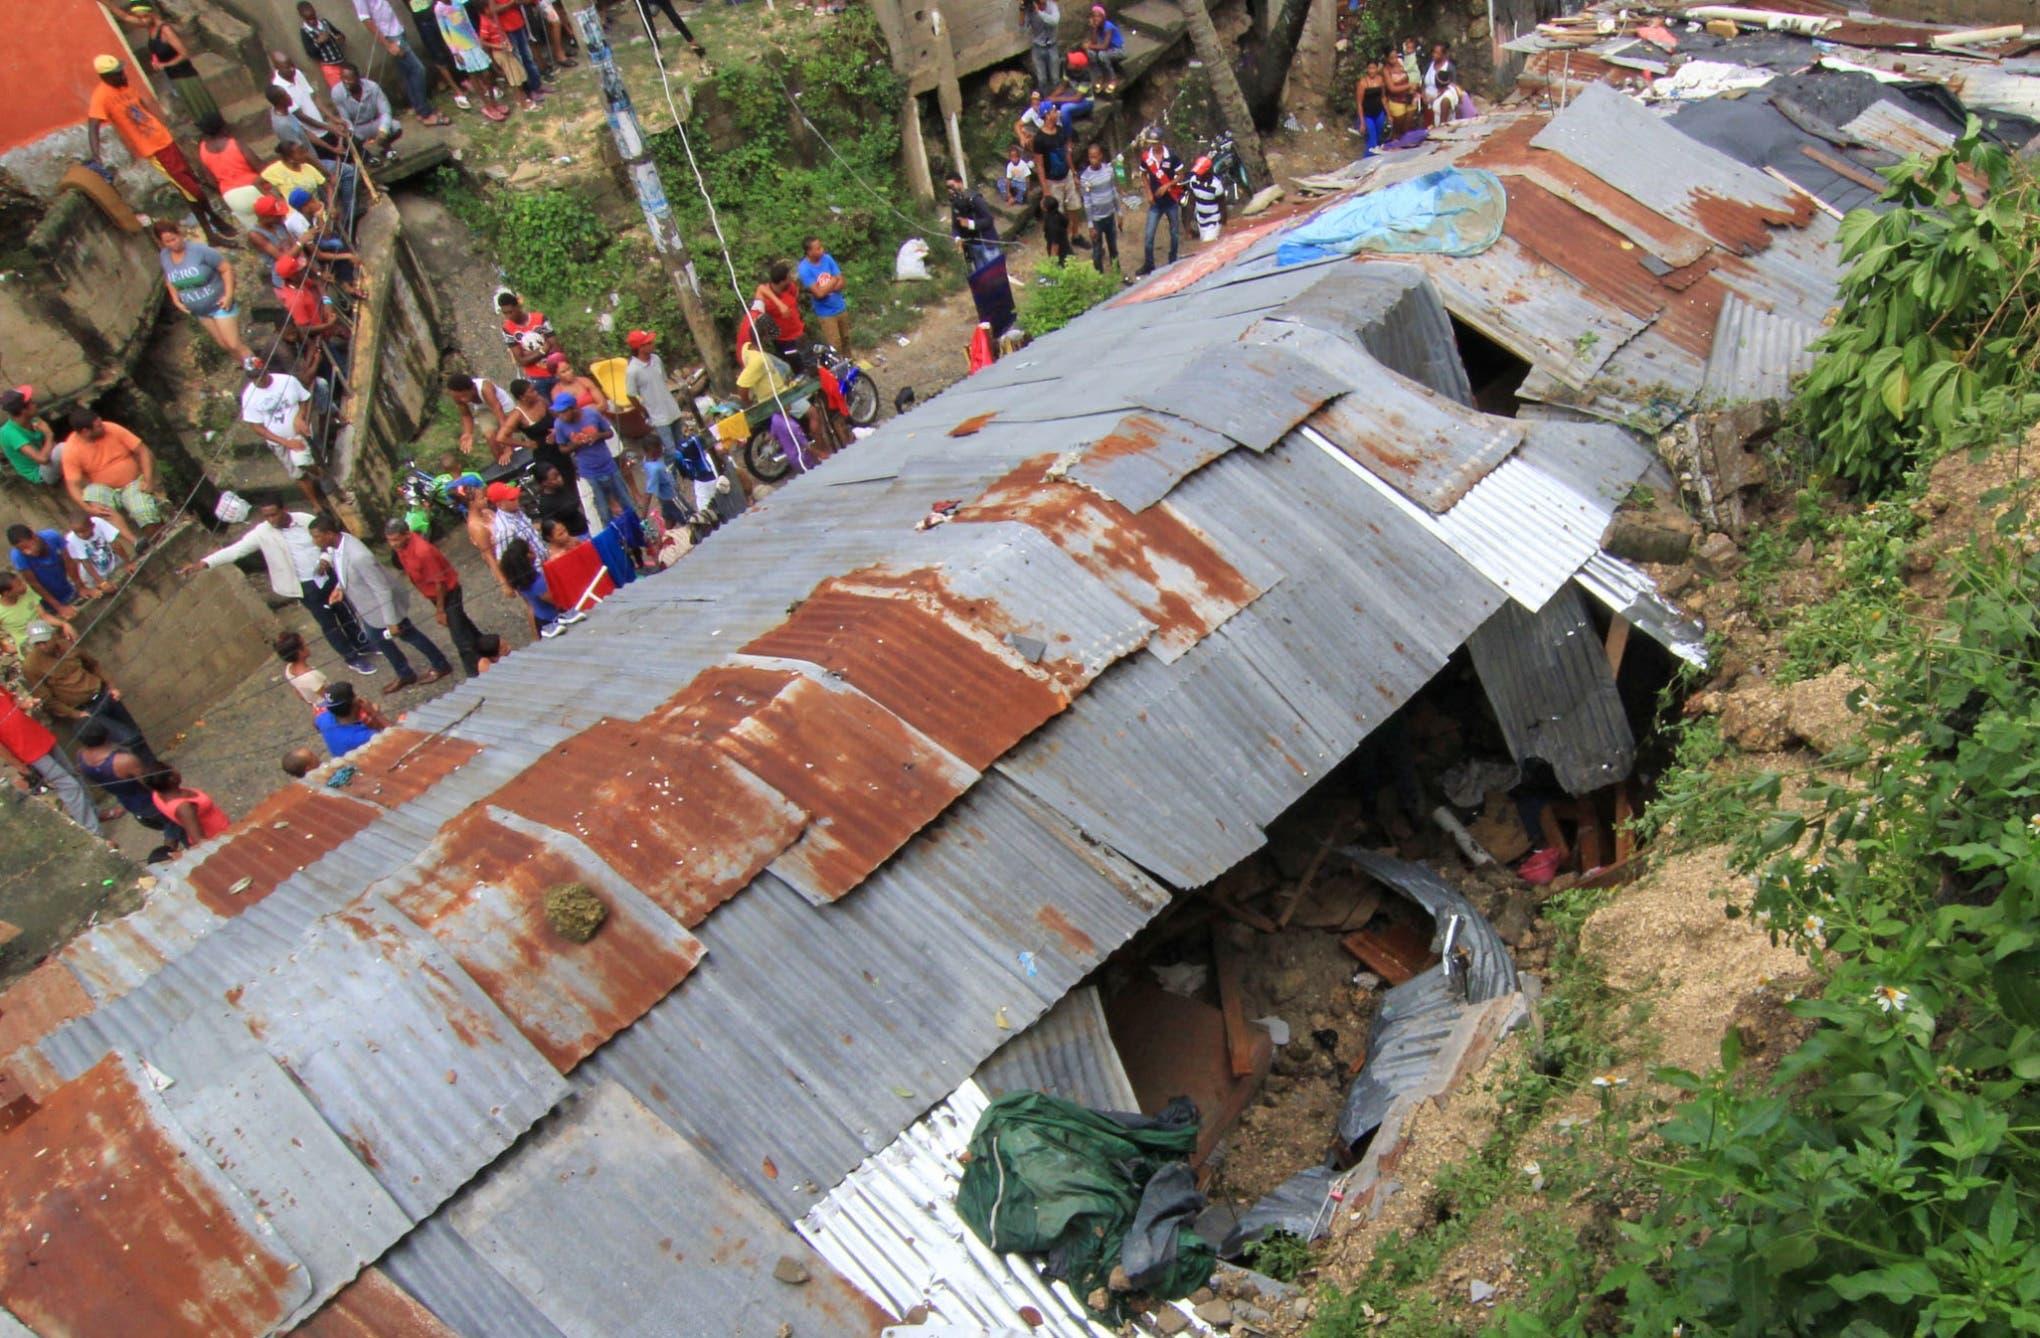 En el sector El Túnel del barrio Capotillo, fallecieron las niñas Wilianny Robles, de nueve años, y Fabianny Robles, por deslizamientos de tierra producidos por las lluvias del huracán Matthew. Foto: Elieser Tapia.